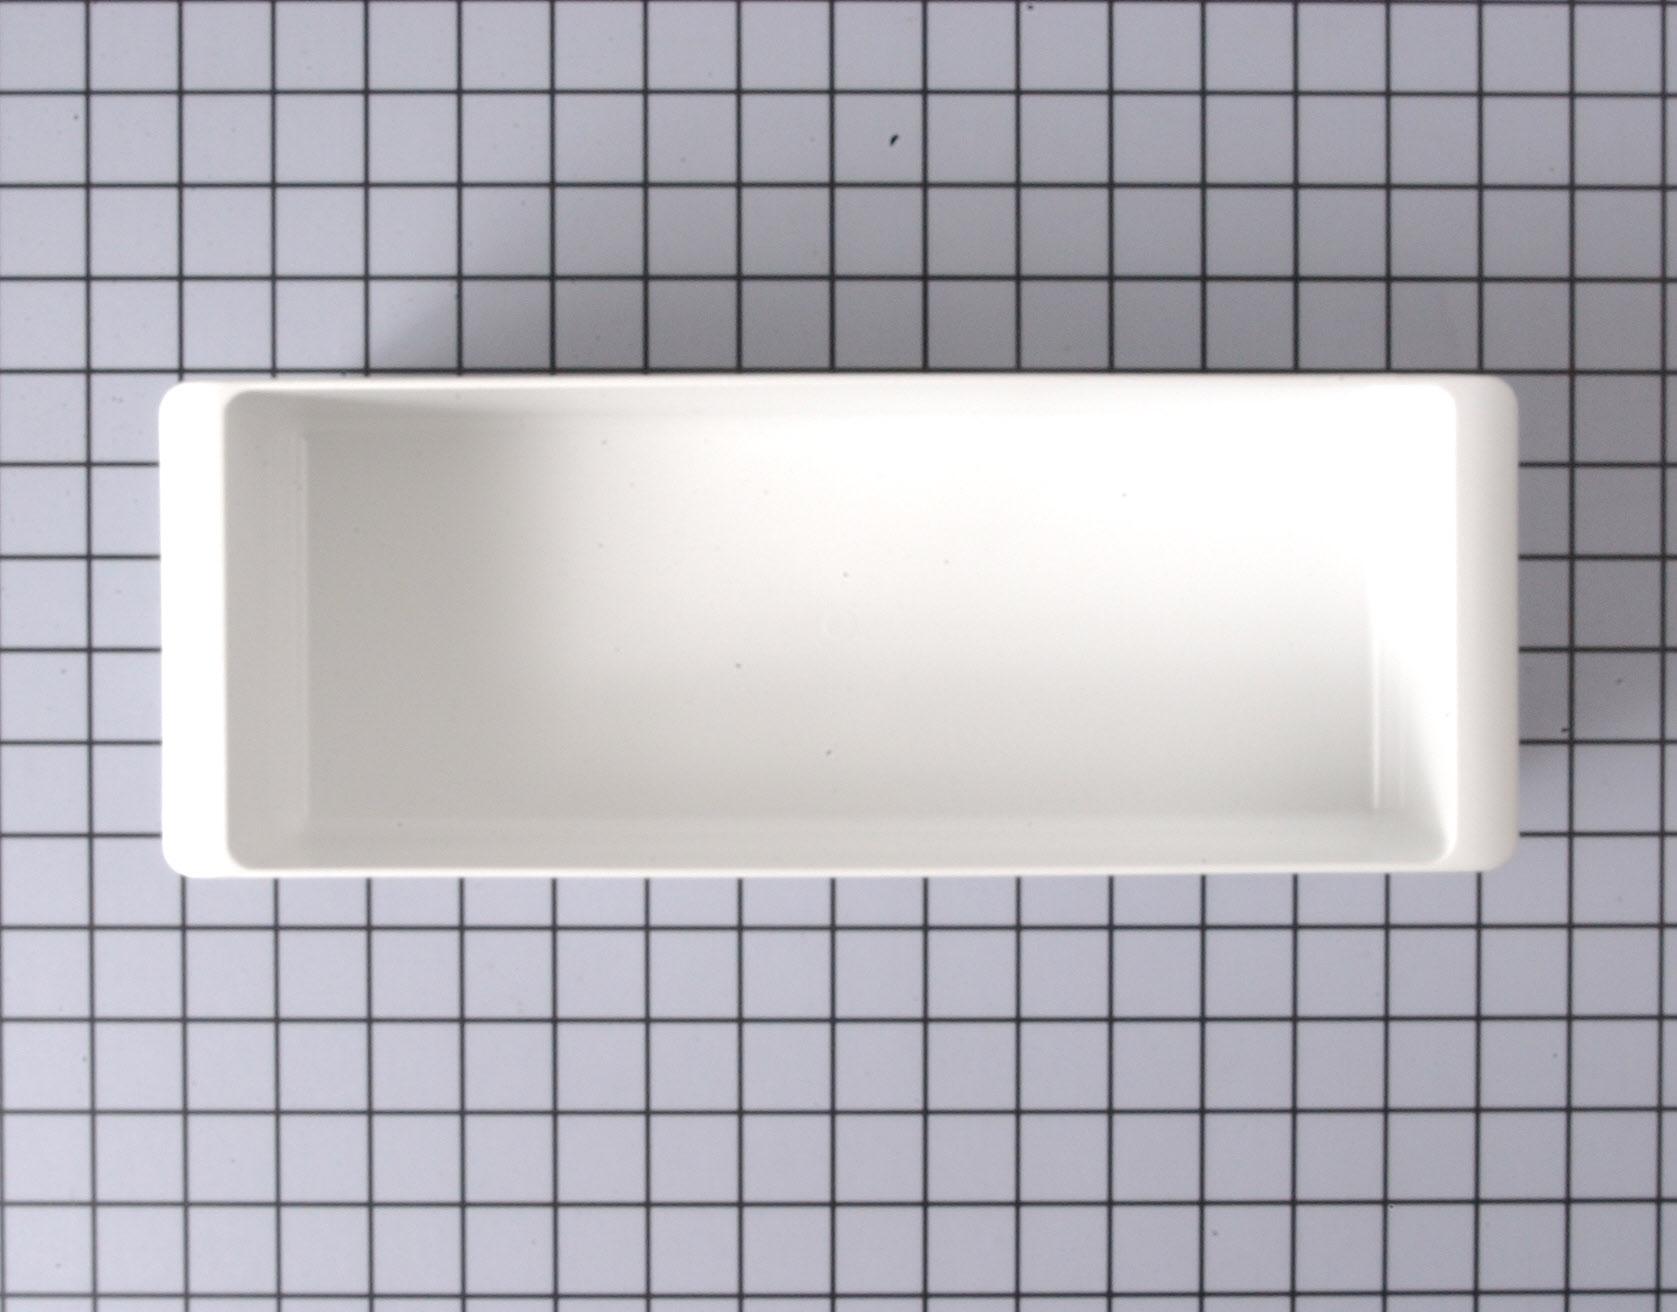 WP10423131 Gaggenau Refrigerator Part -Tray